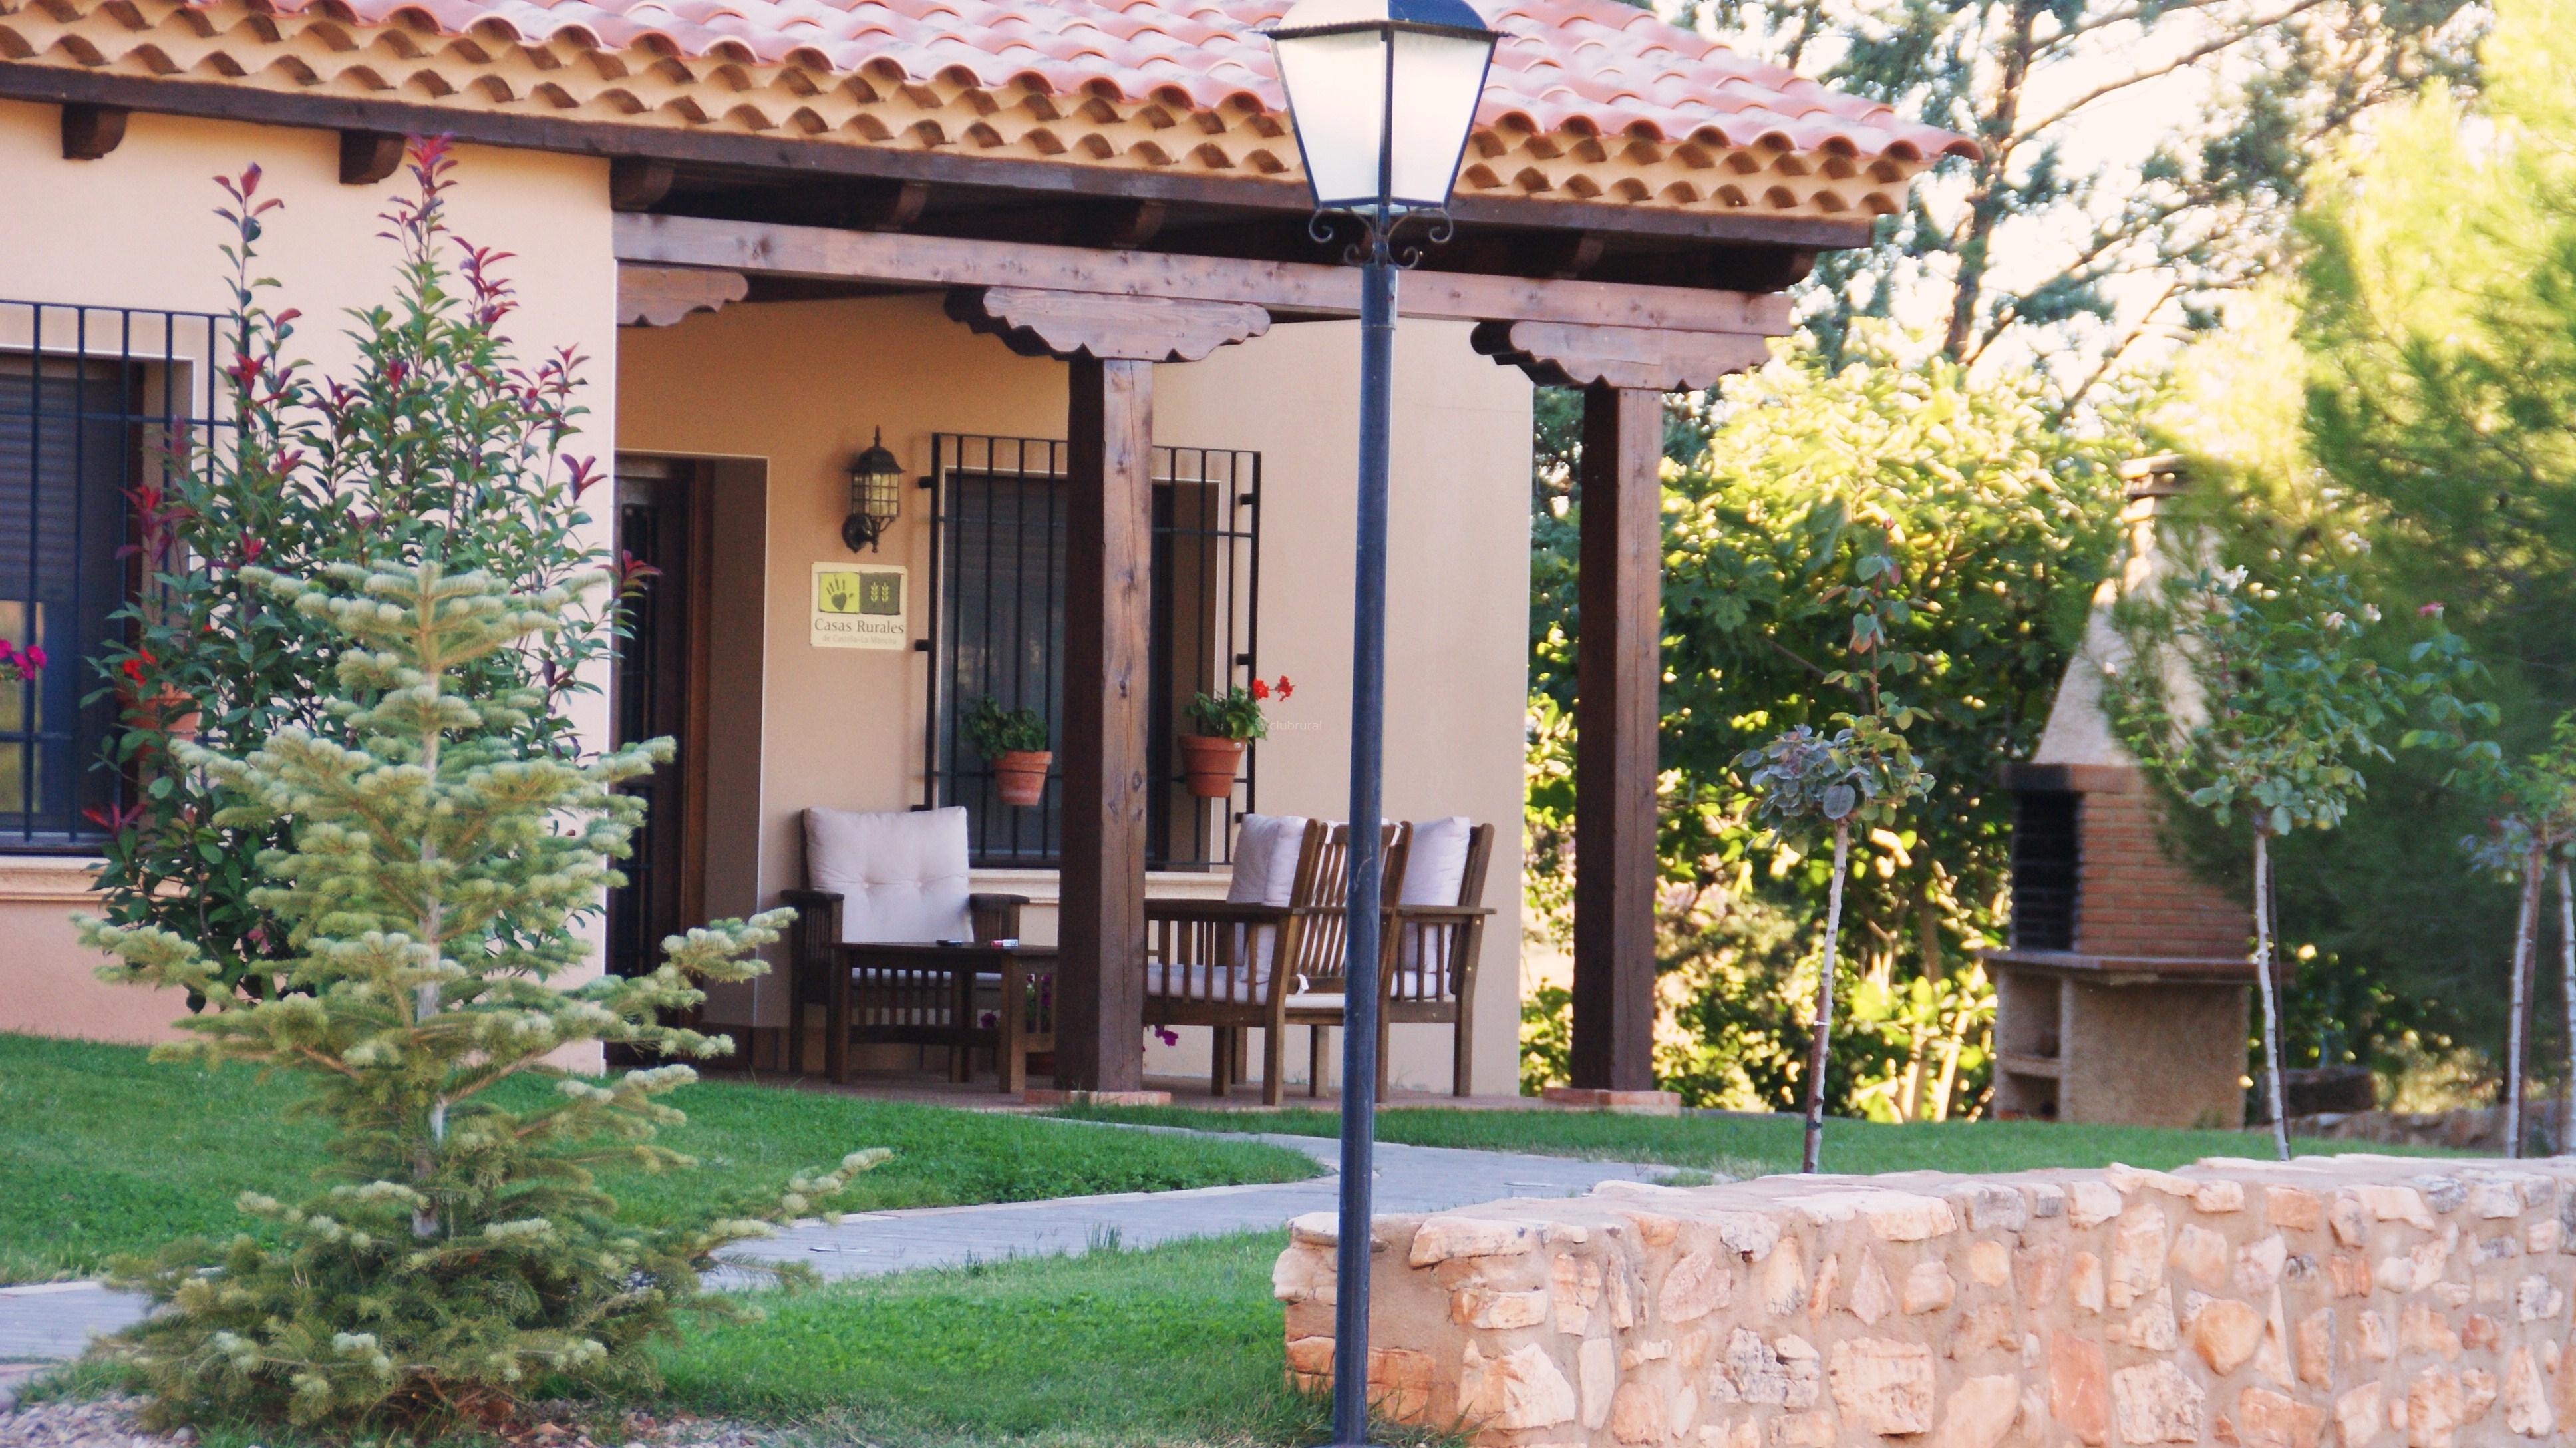 Fotos de casas rurales cortijo bellavista albacete - Casa rural de madera ...